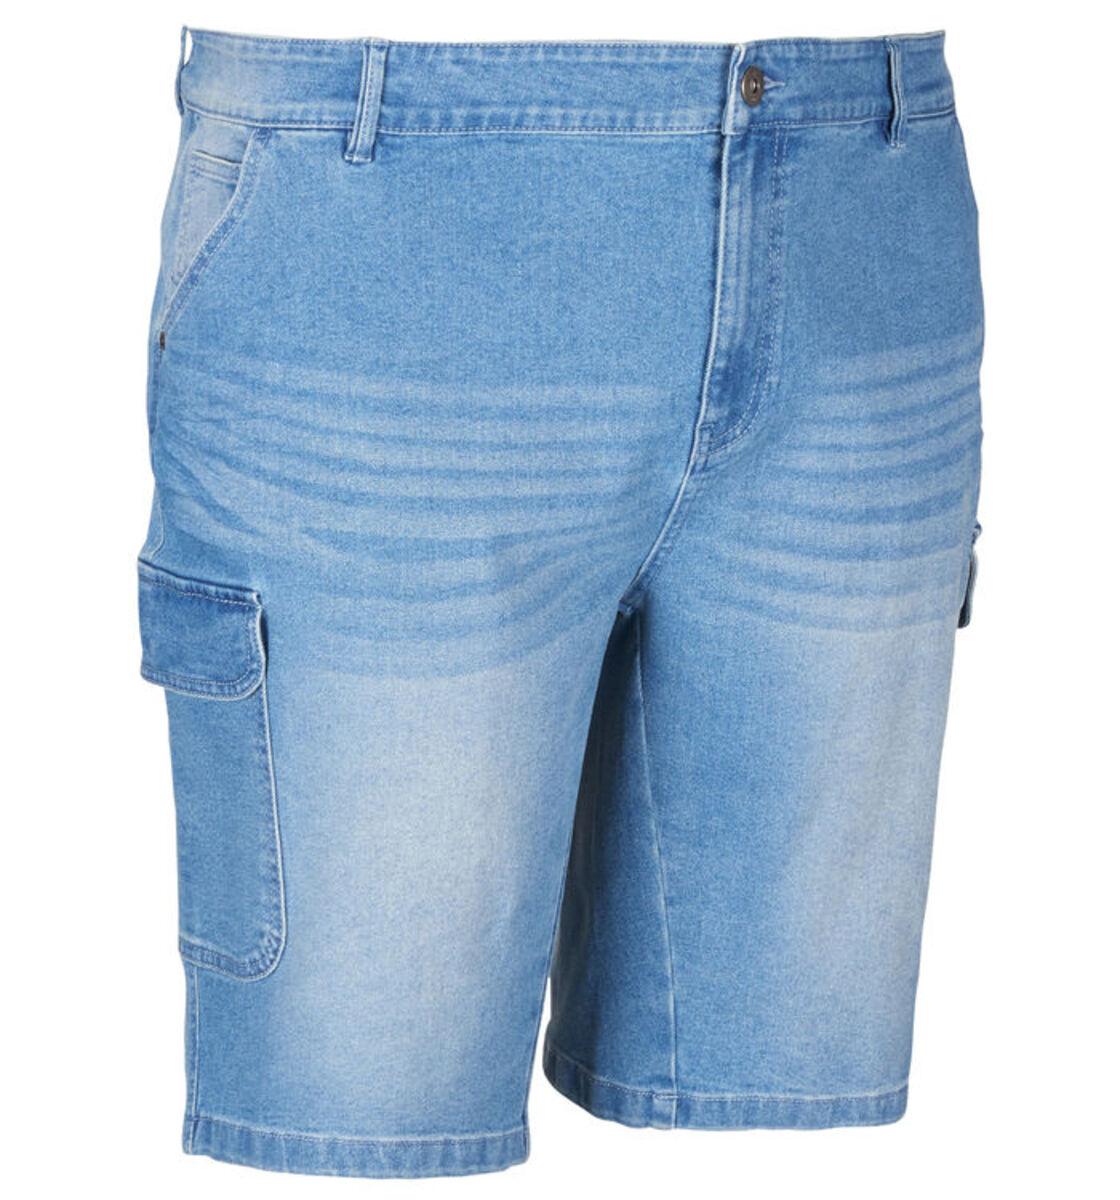 Bild 5 von Identic More Jeans-Shorts